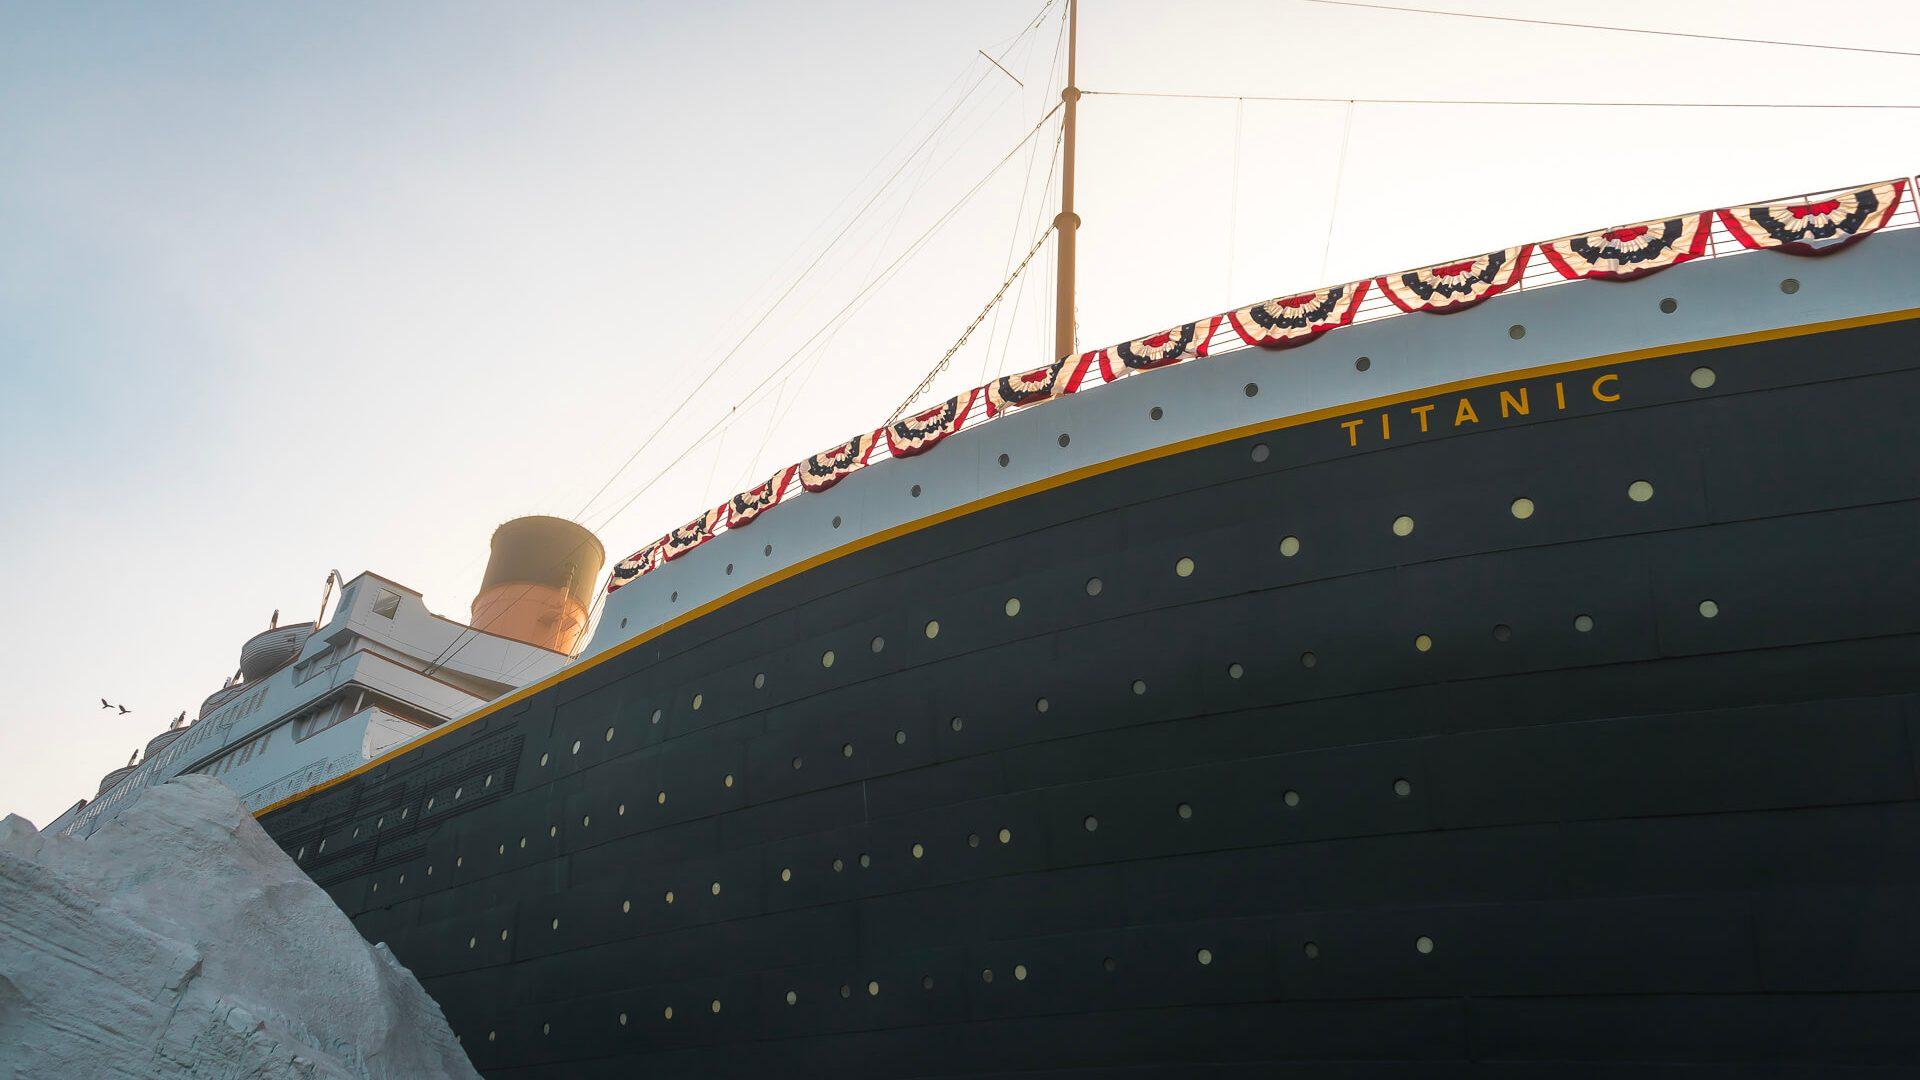 Titanic Museum in Branson, MO